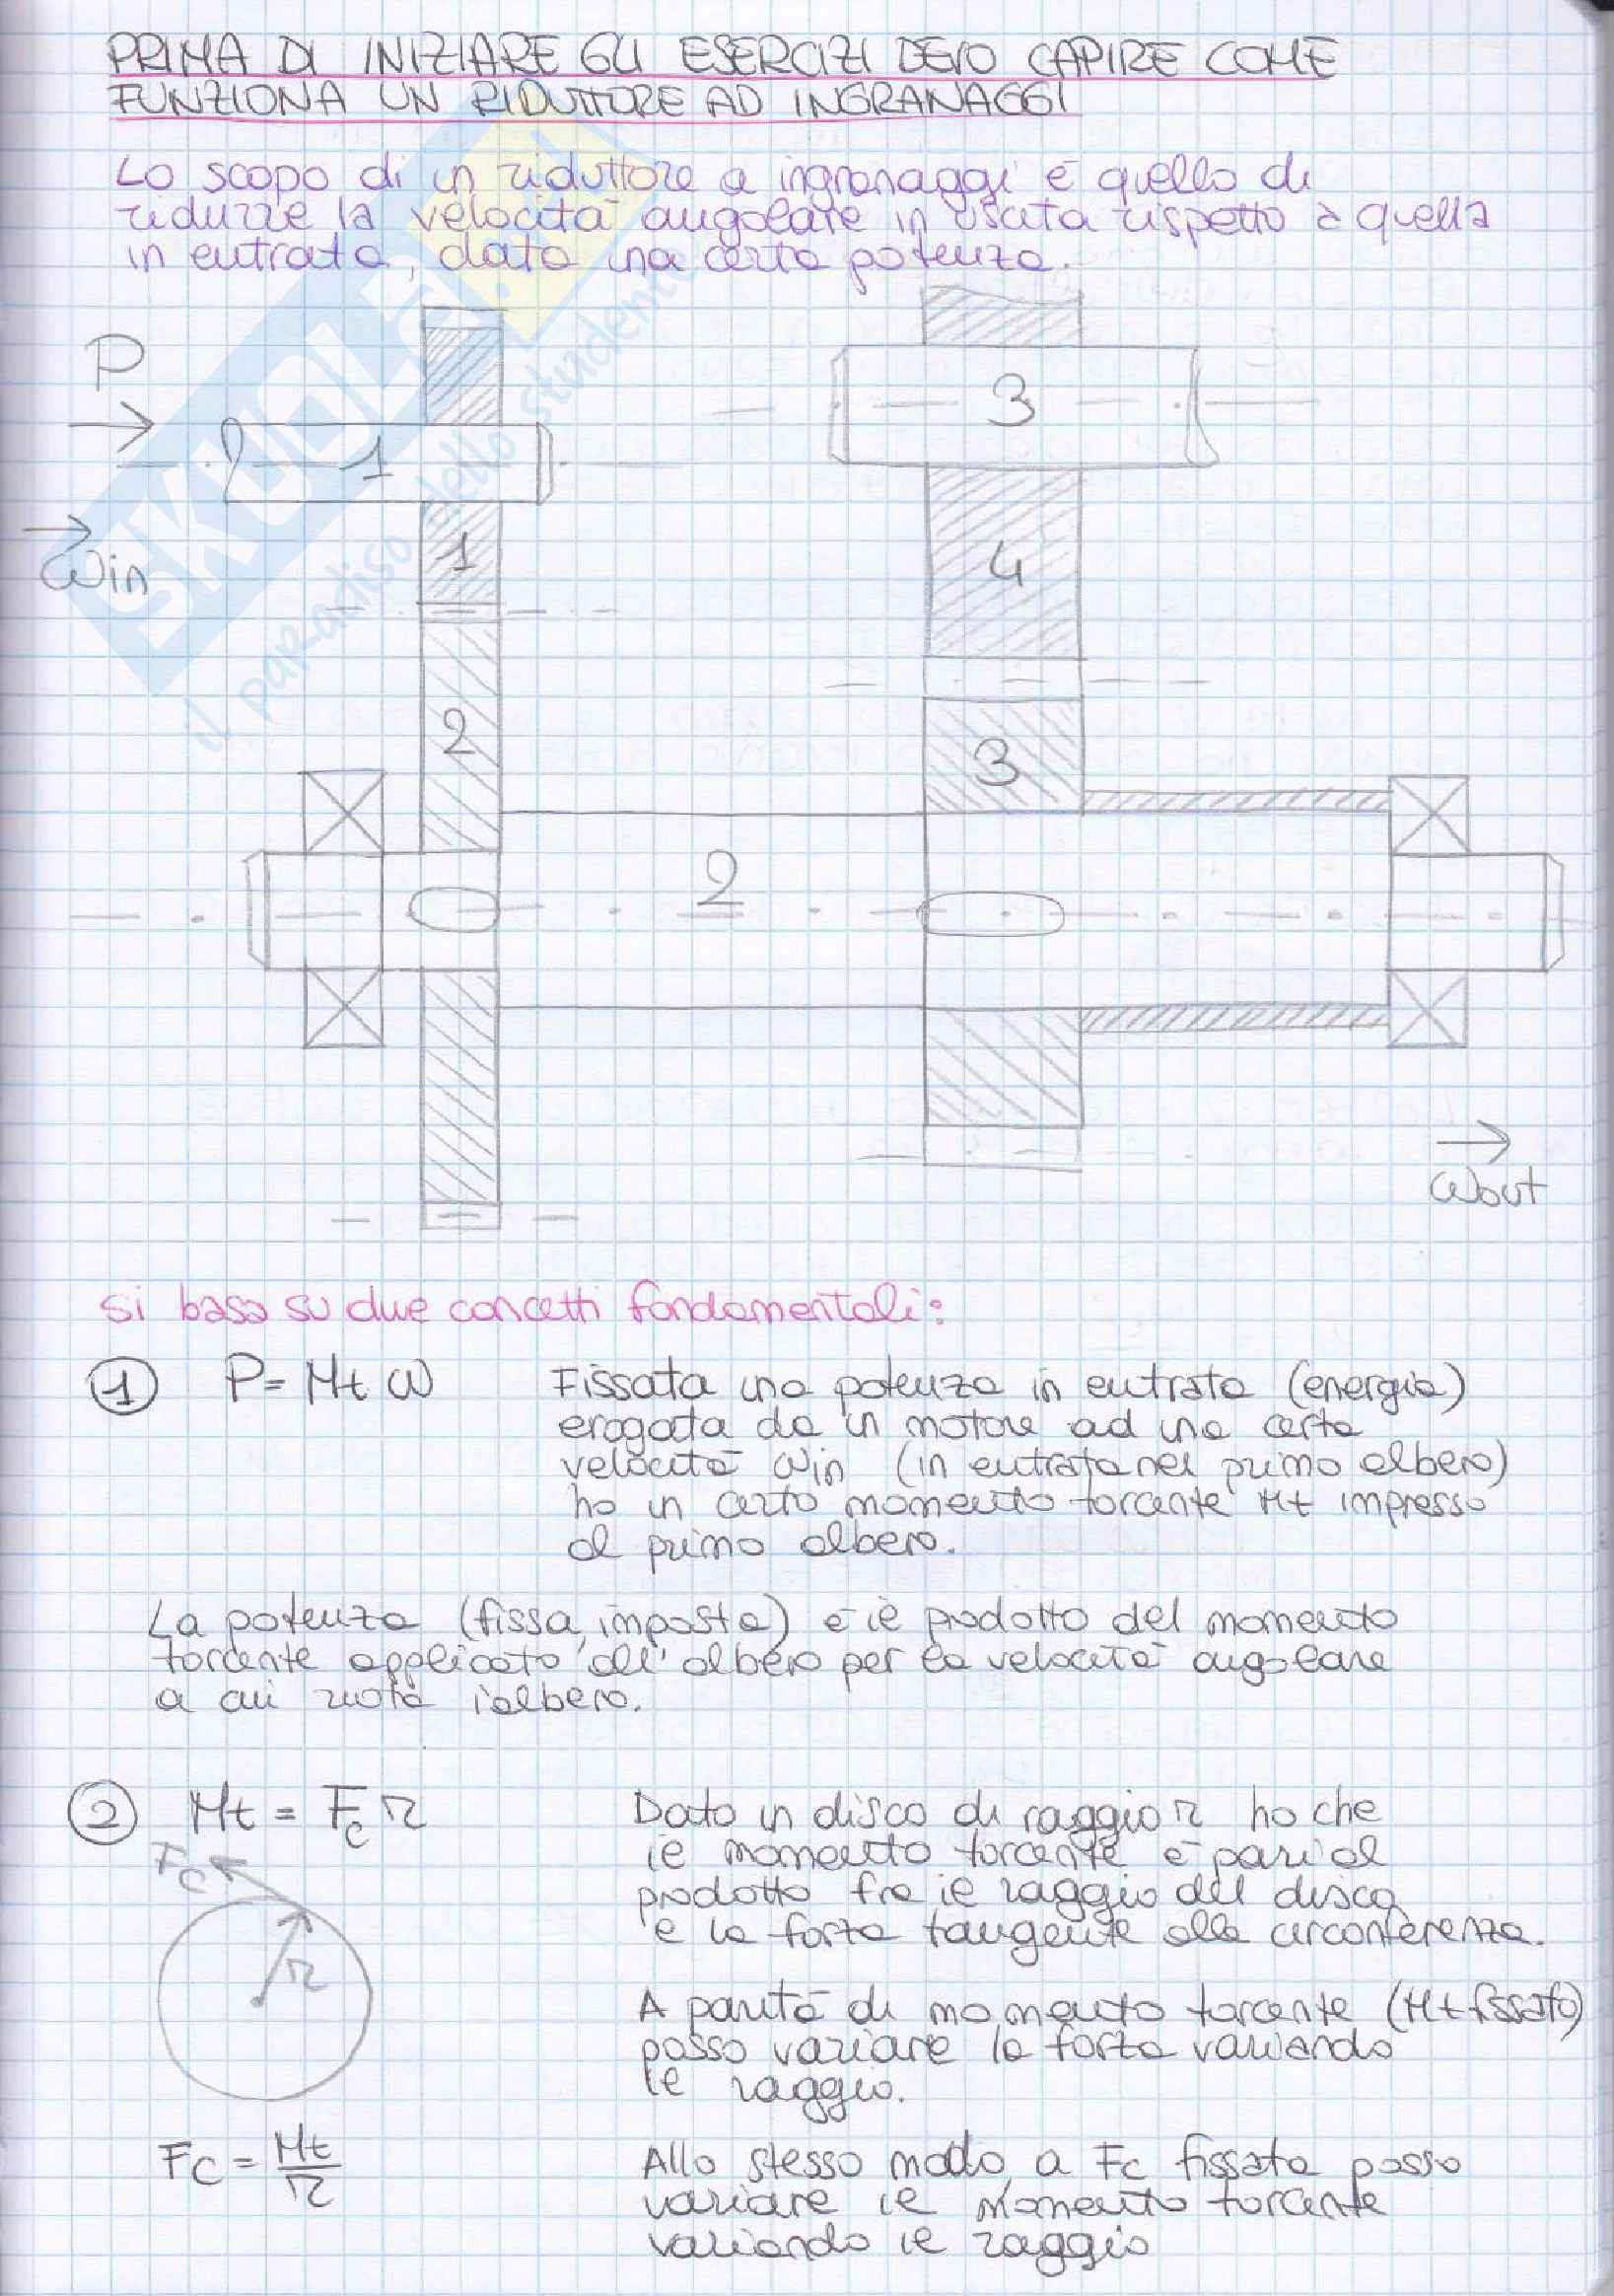 Elementi costruttivi delle macchine - Esercizi esame svolti Pag. 2